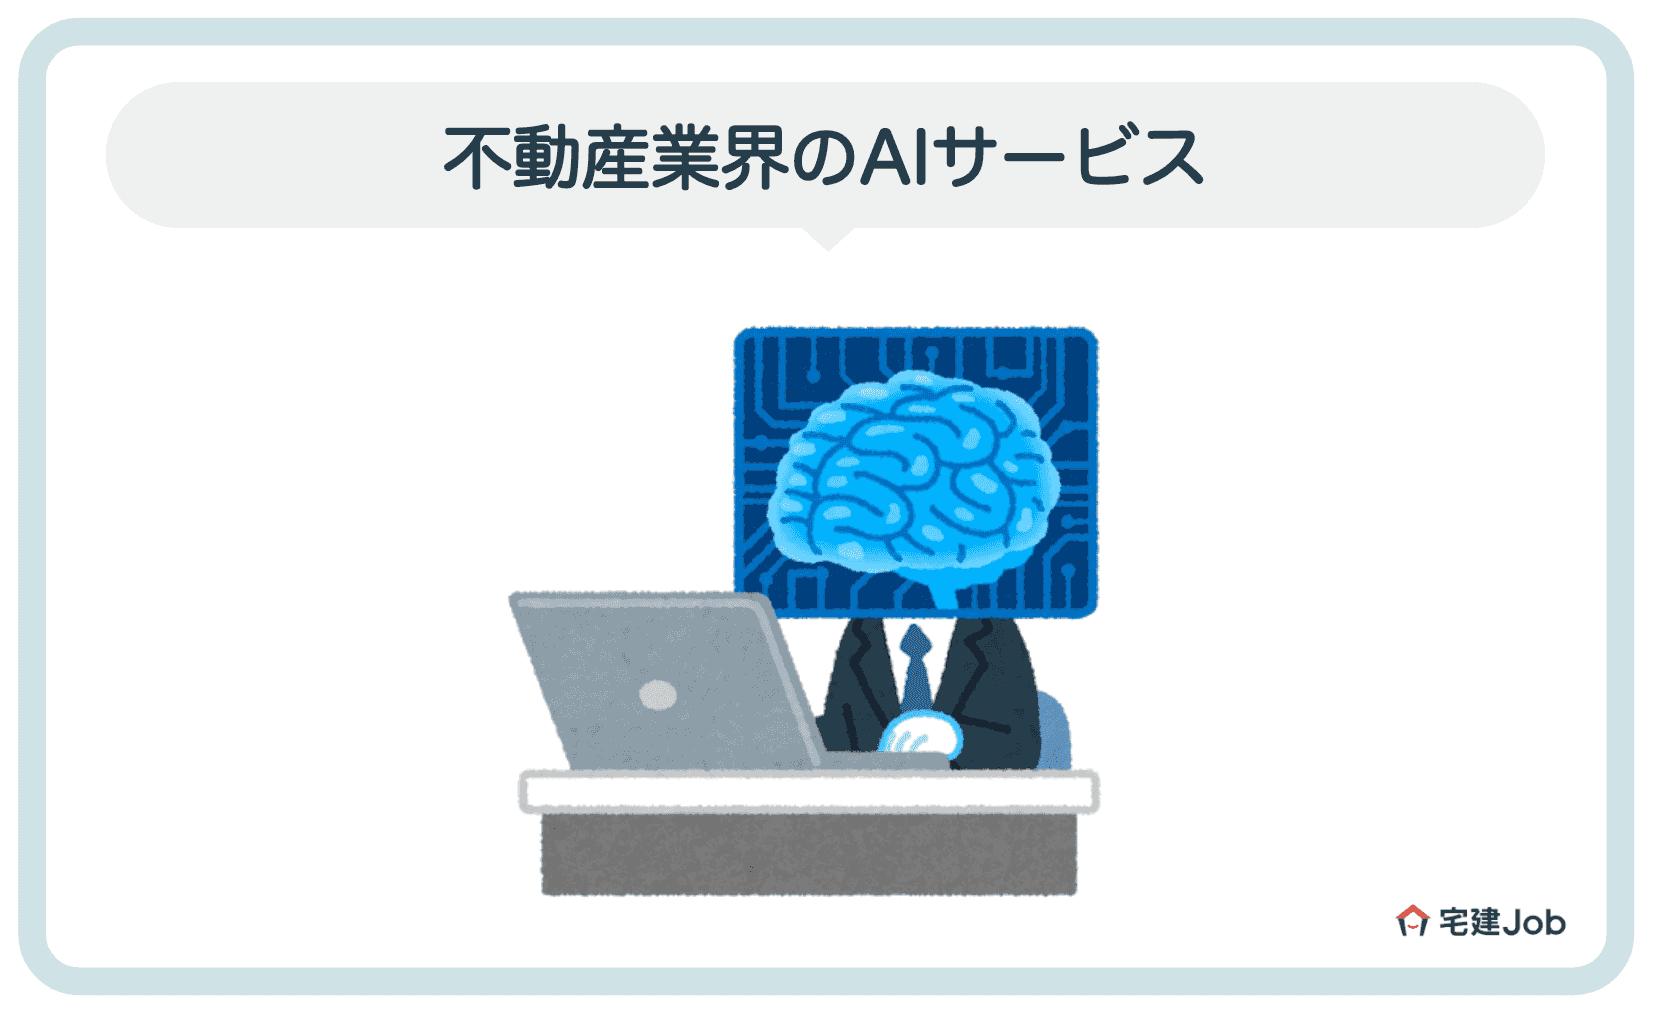 2.不動産業界のAI(人工知能)サービス